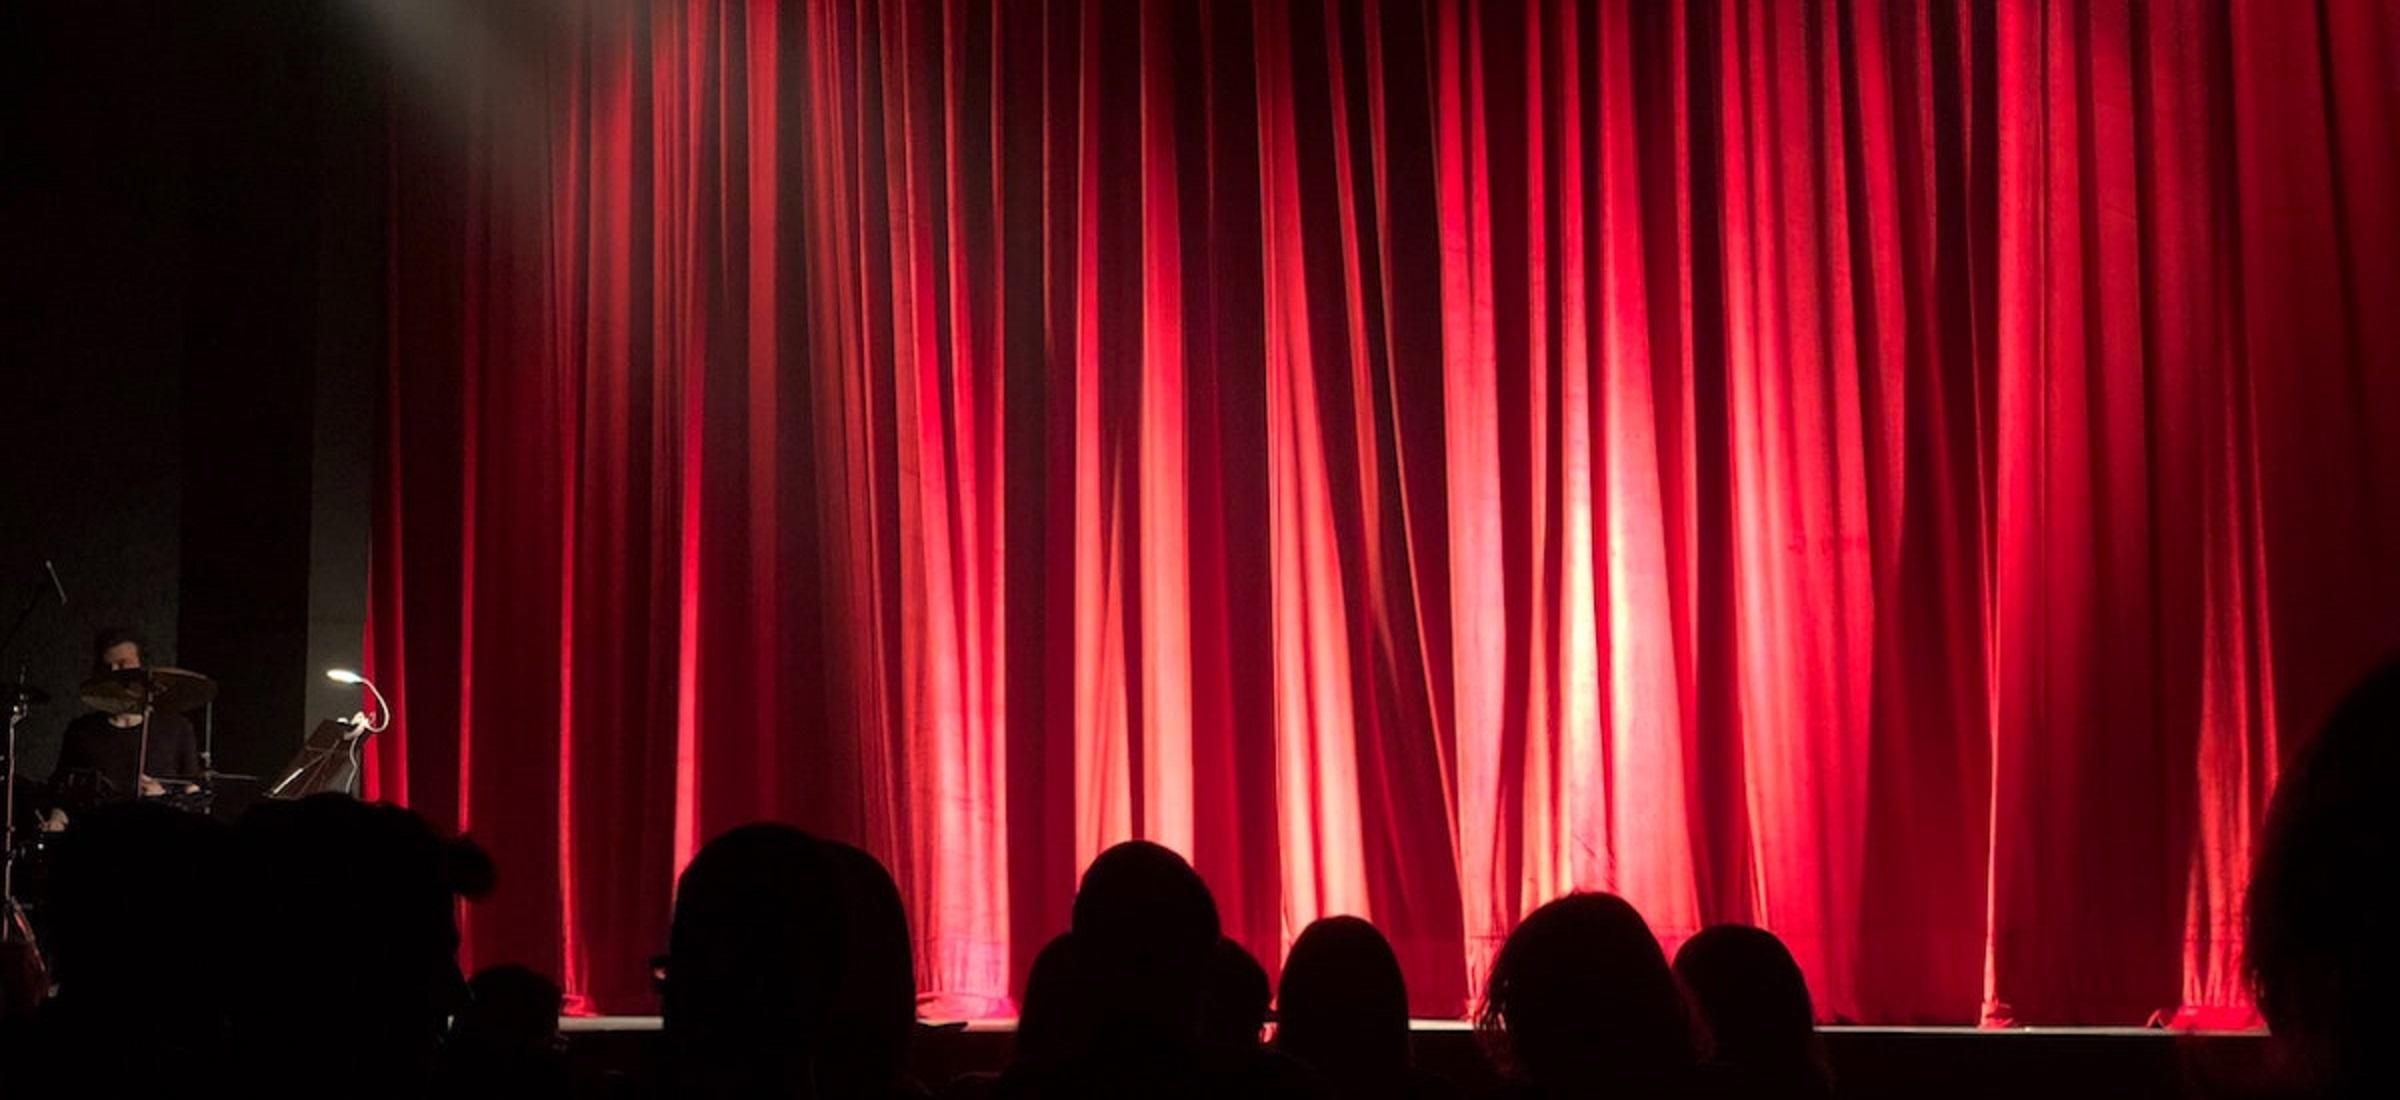 """Studentki oskarżają Pawła Passiniego o molestowanie i przemoc. Reżyser teatralny odpowiada: """"pracuję z nagością na scenie"""""""